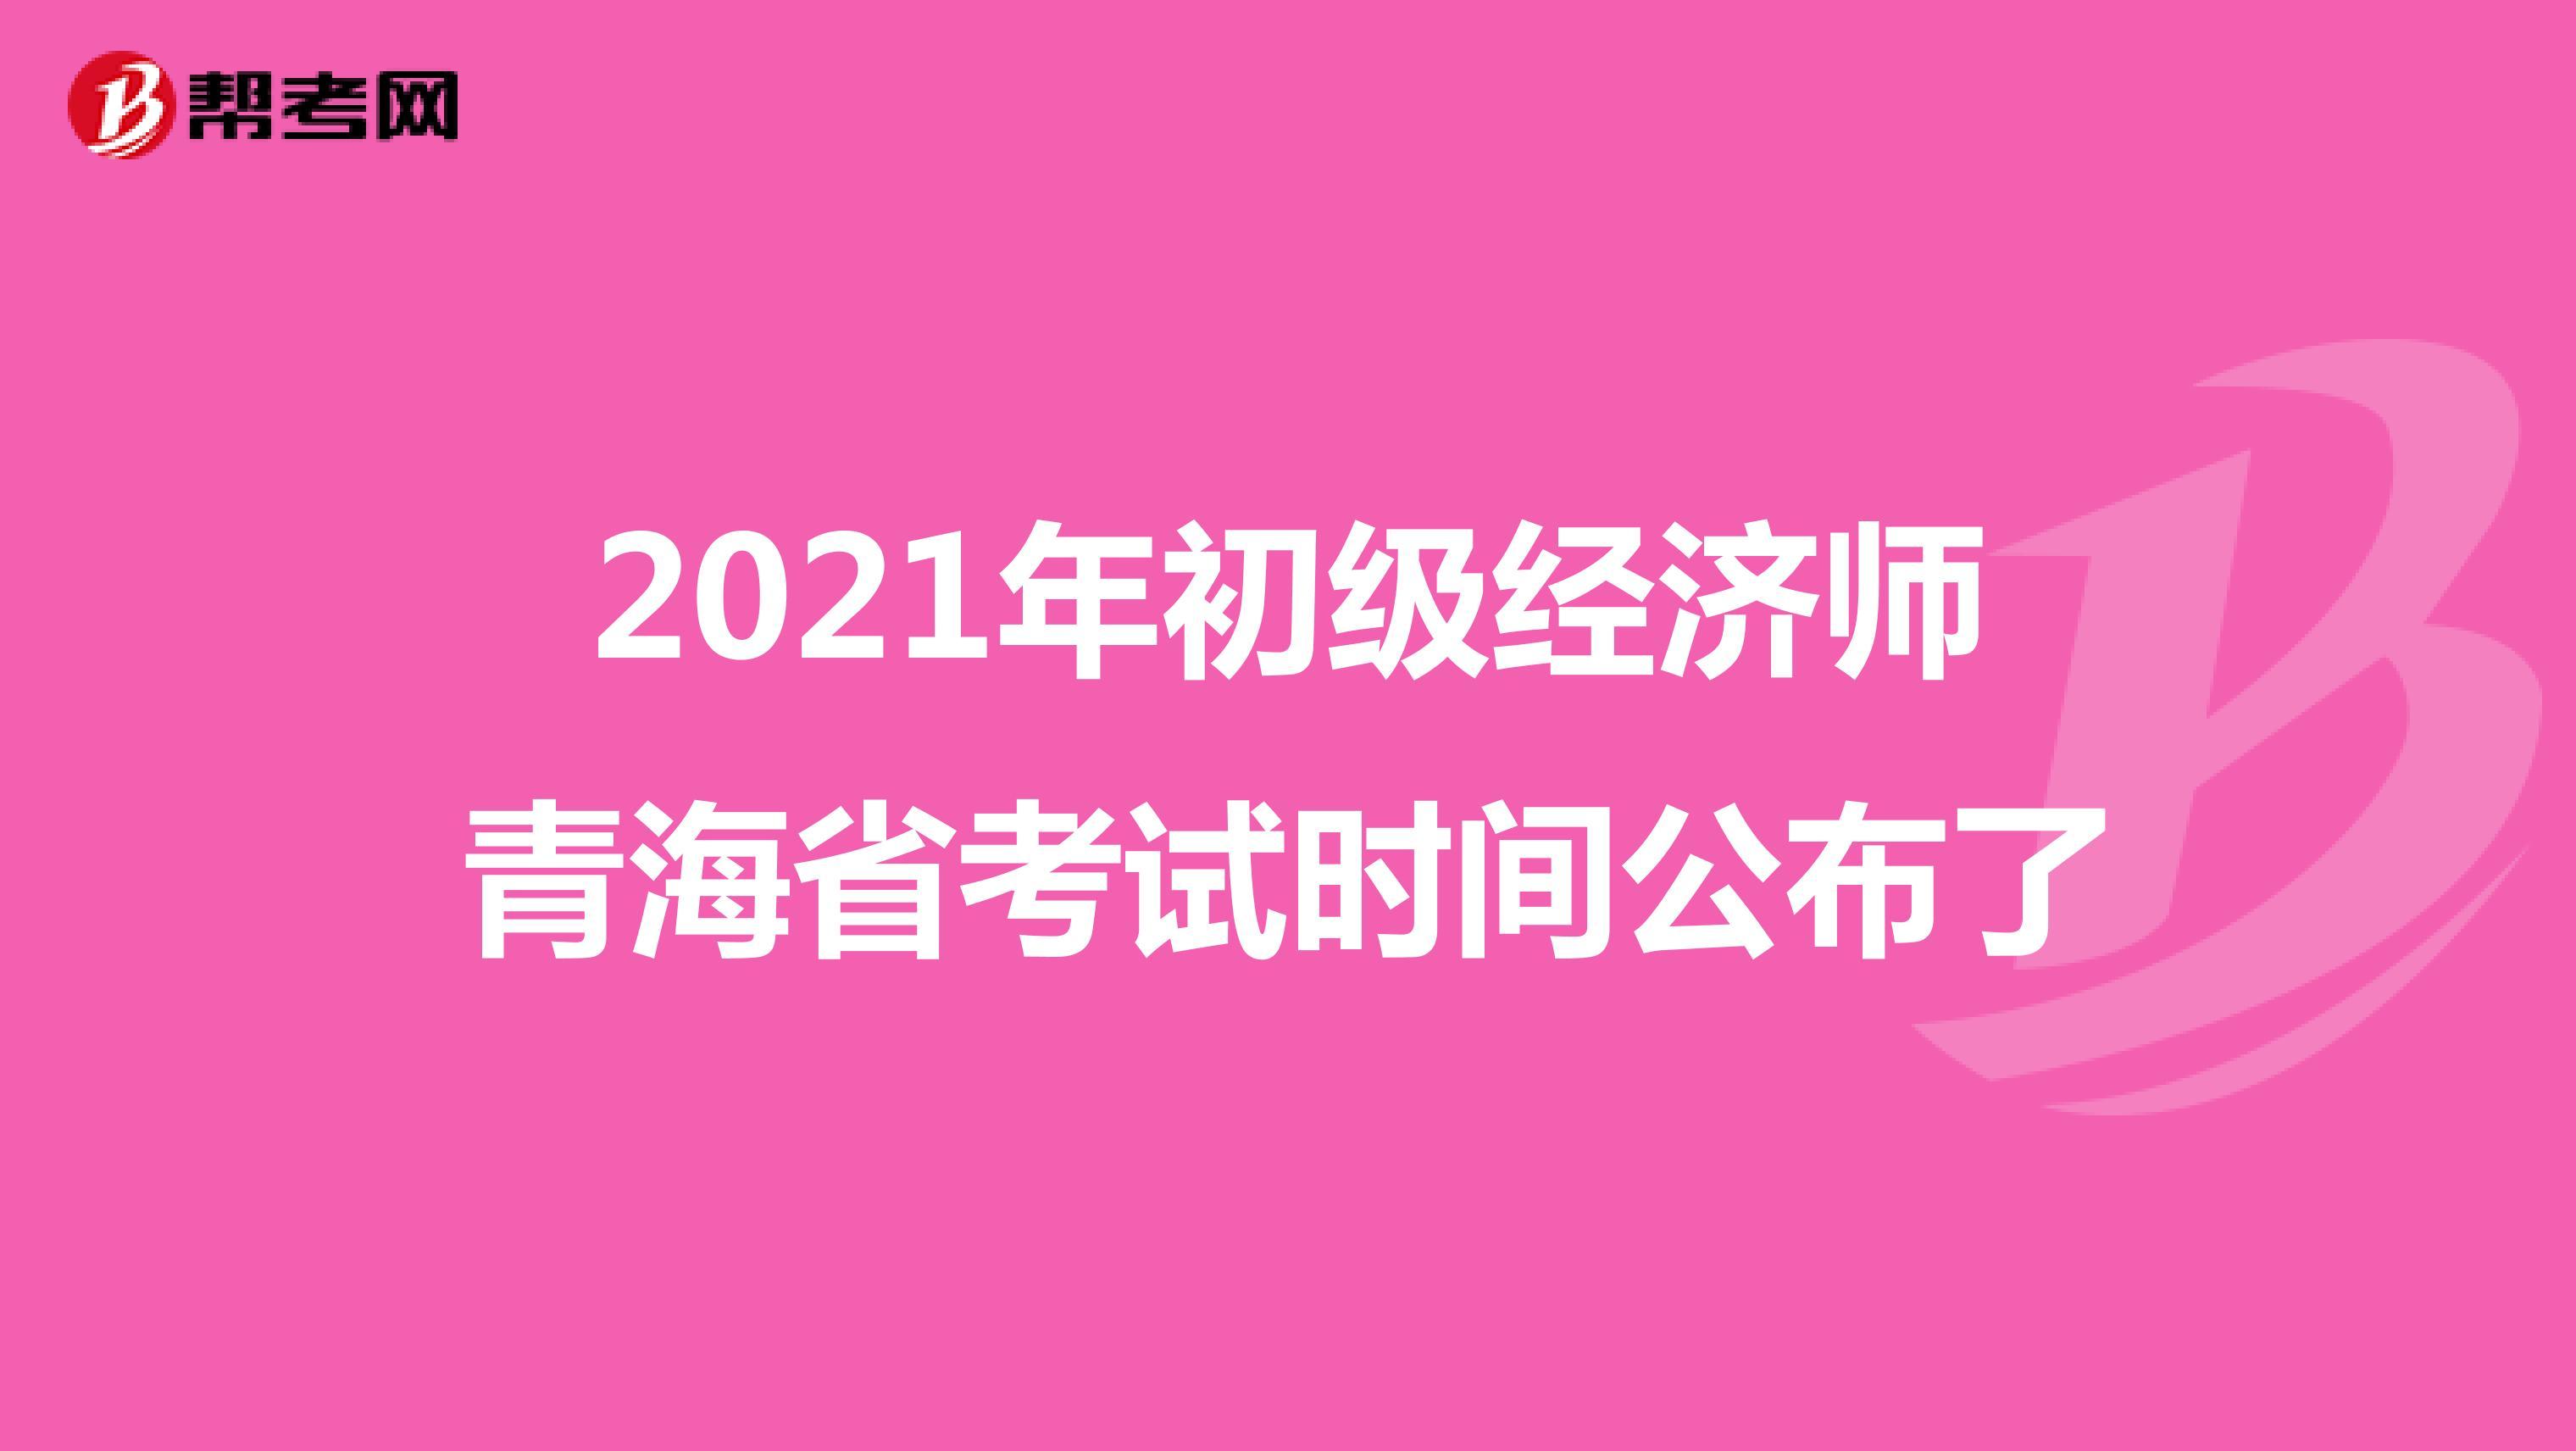 2021年初级经济师青海省考试时间公布了